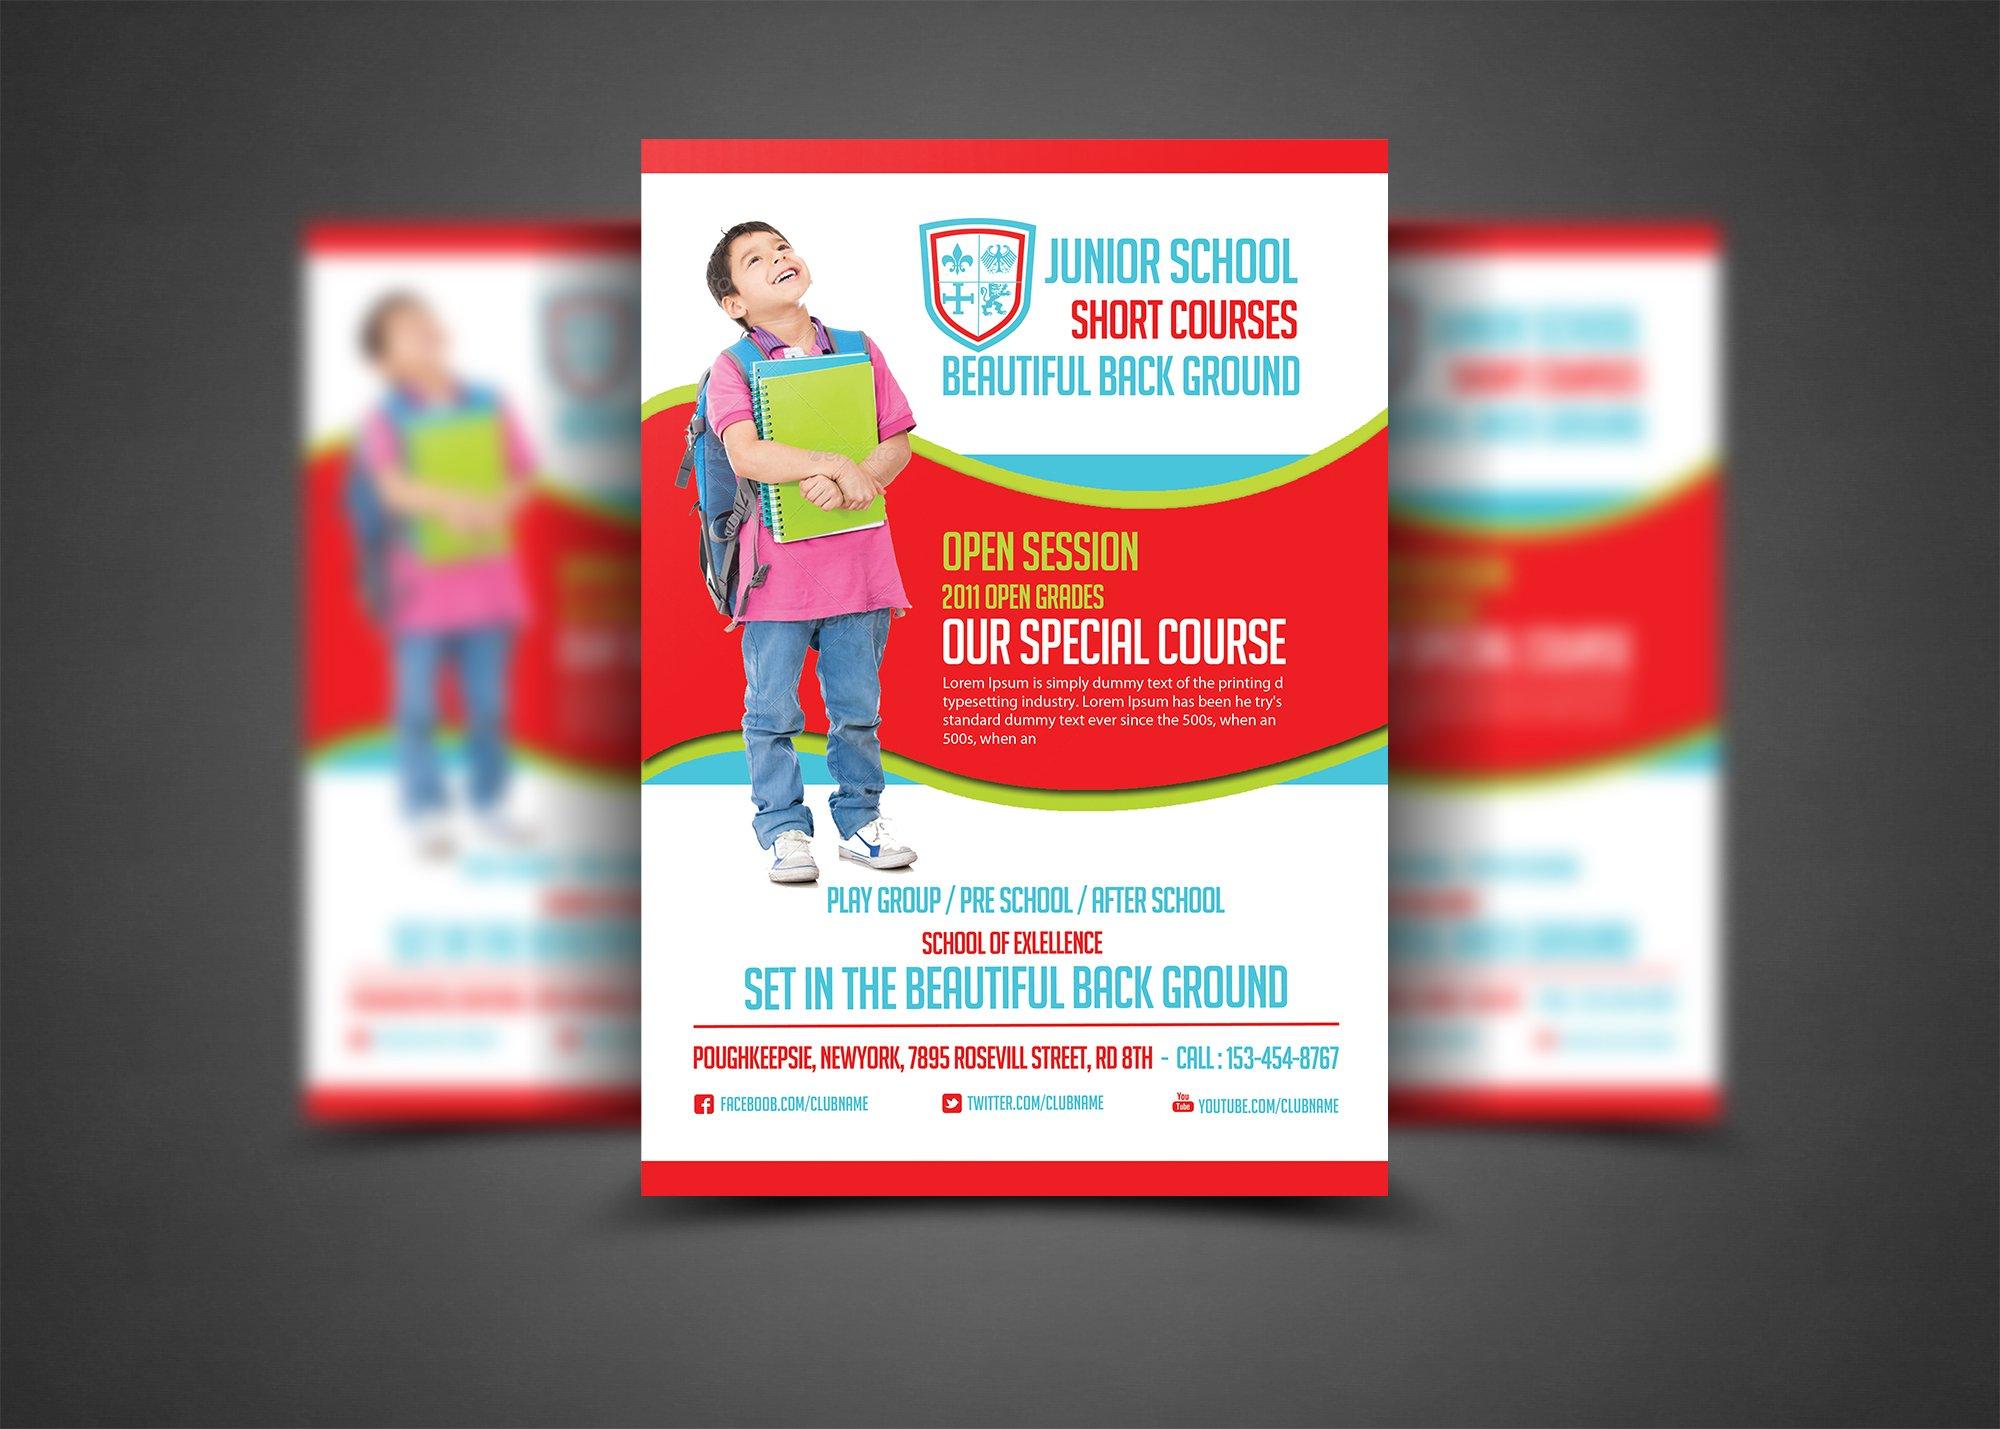 Education Flyer Print Templates Flyer Templates Creative Market - Print brochure templates